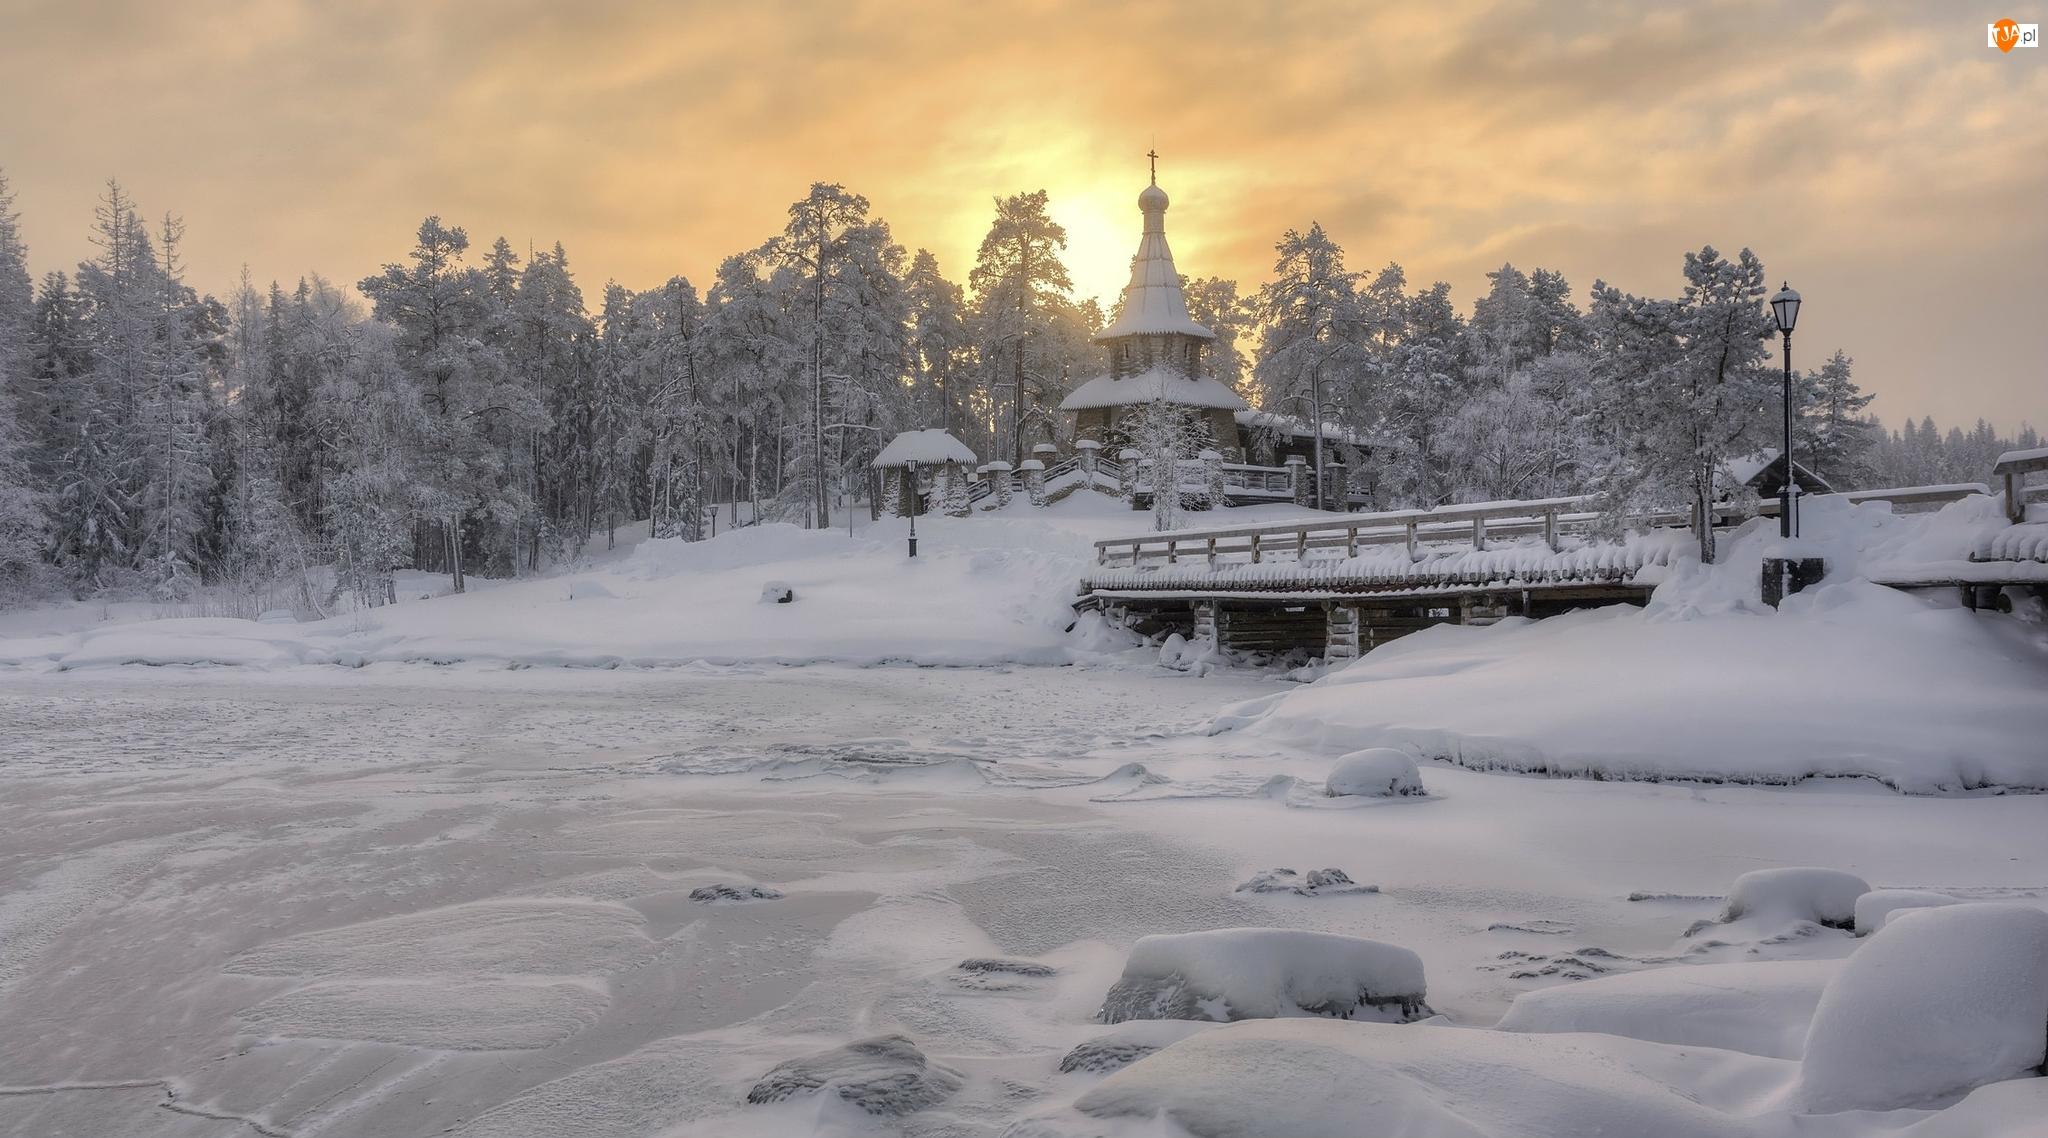 Wyspa Wałaam, Zima, Most, Karelia, Cerkiew, Drzewa, Rosja, Rzeka